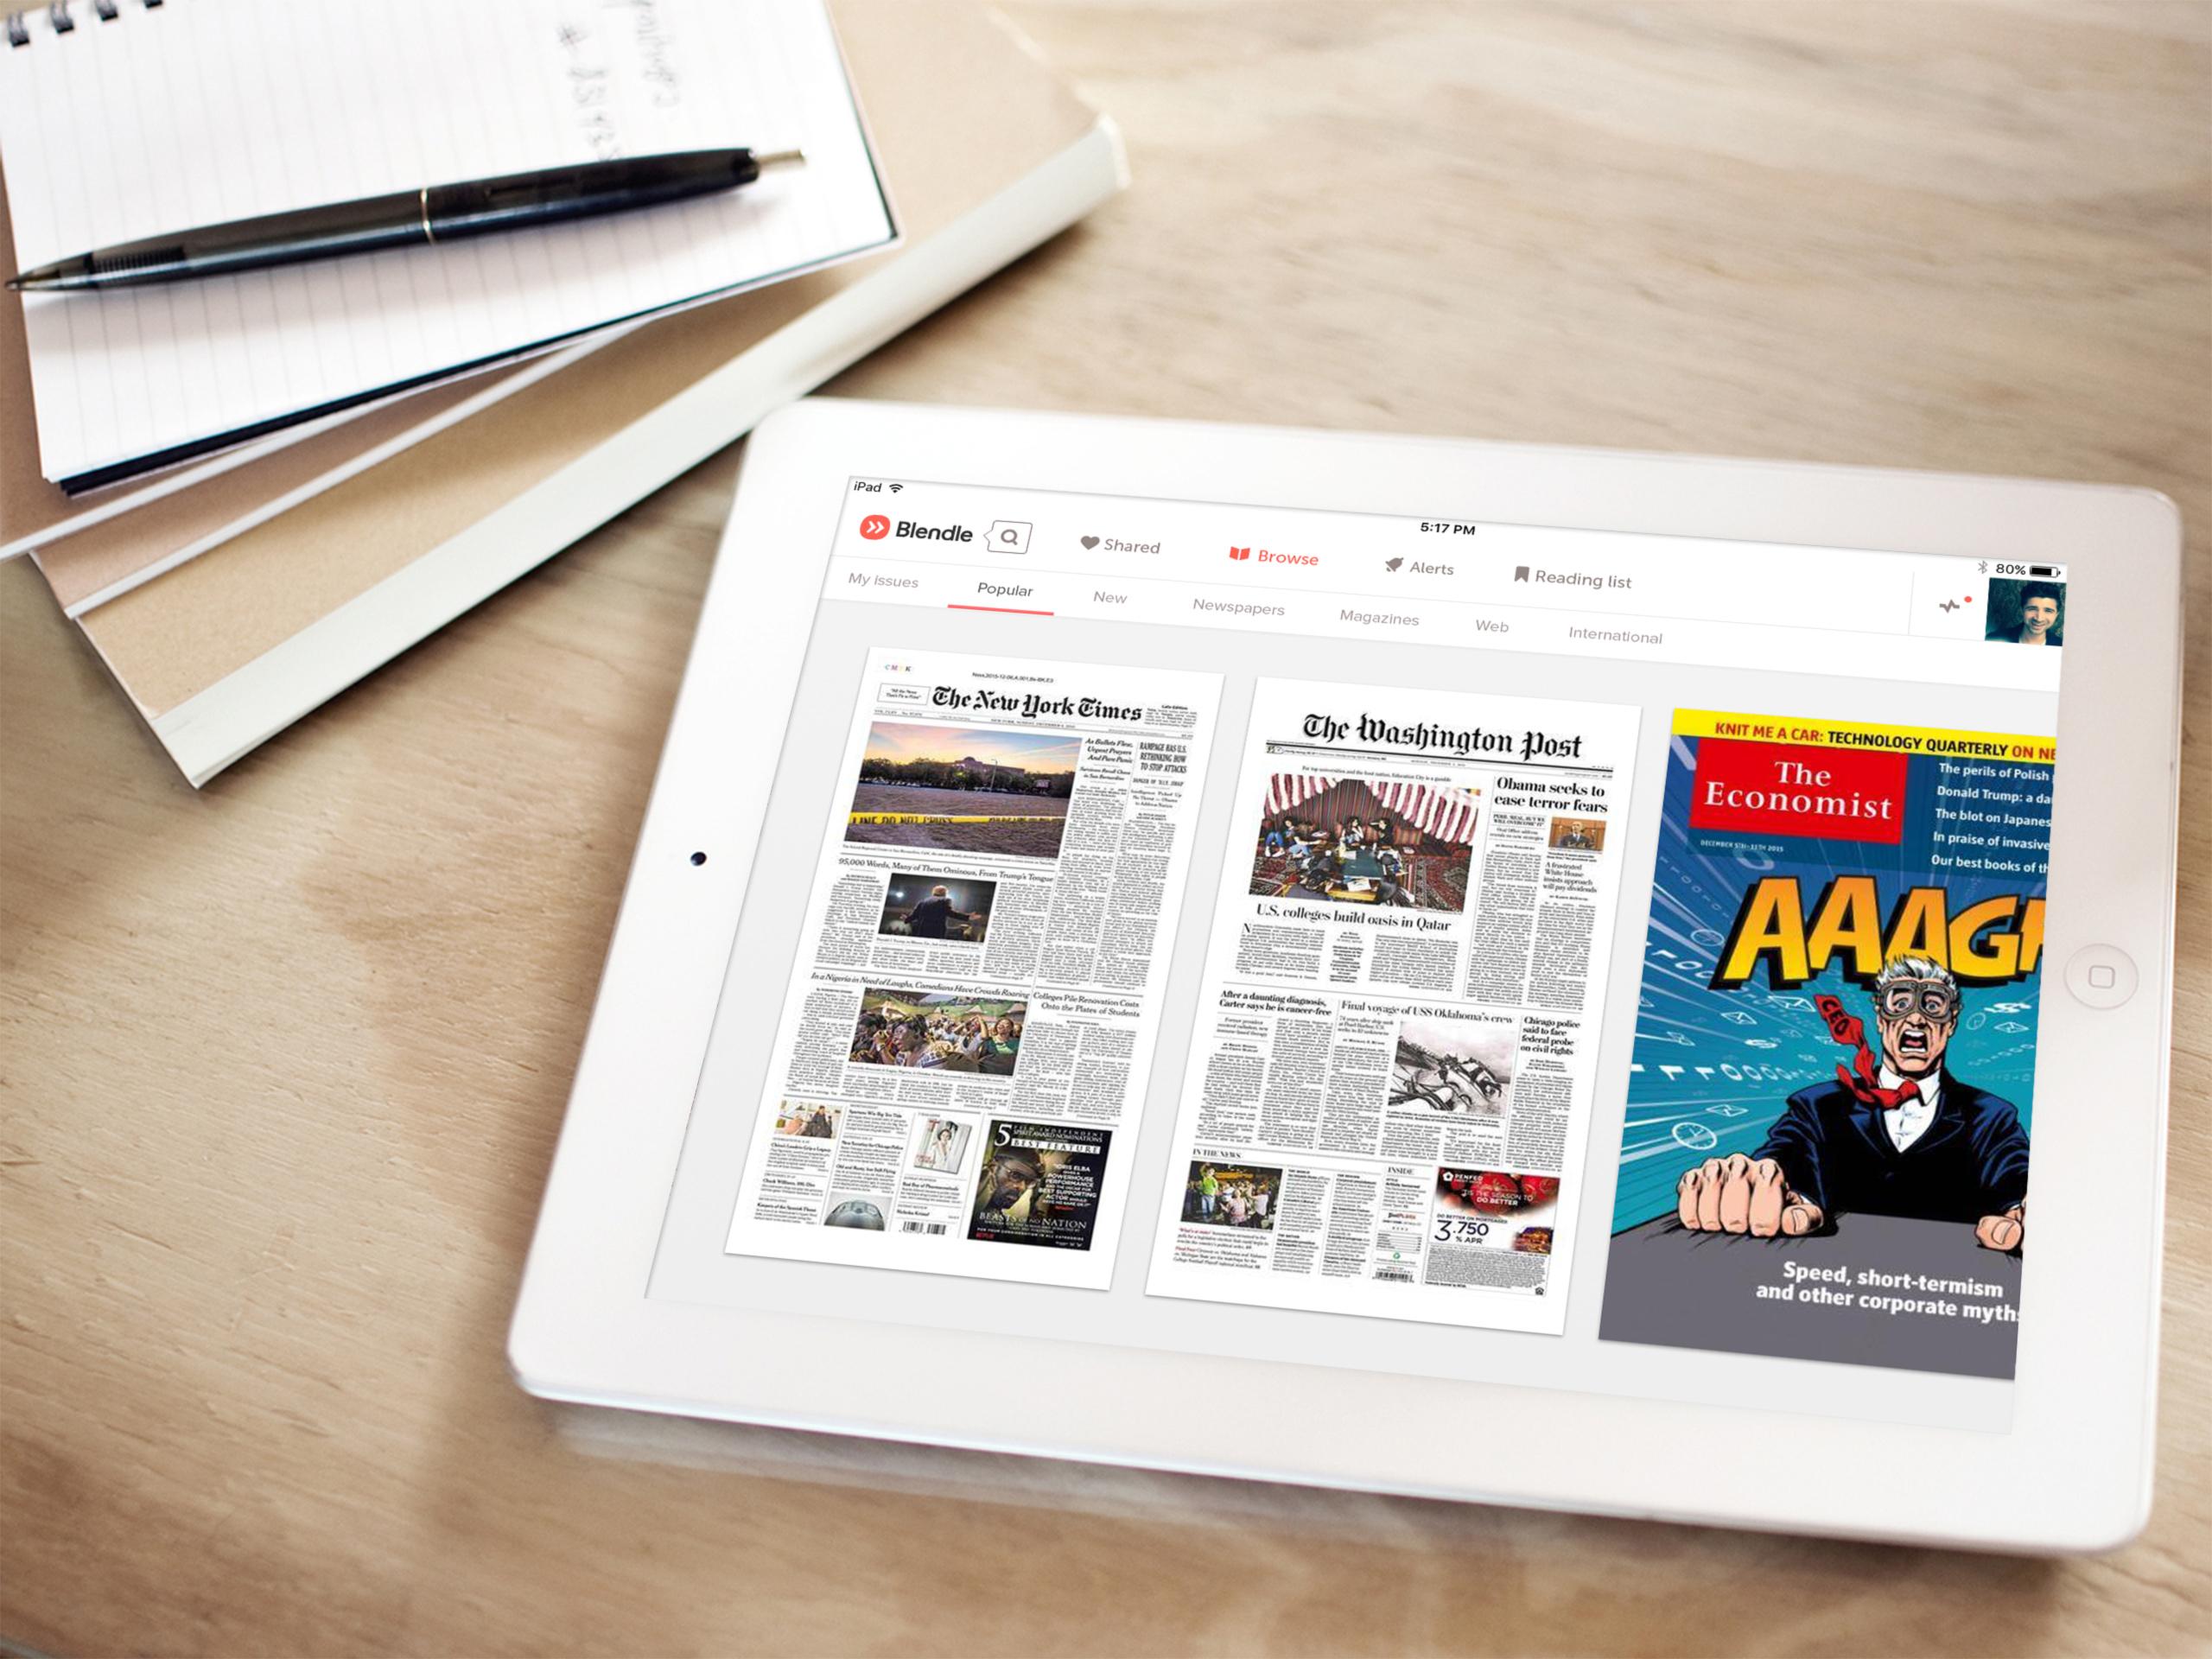 digital newspapers on the Blendle iPad app